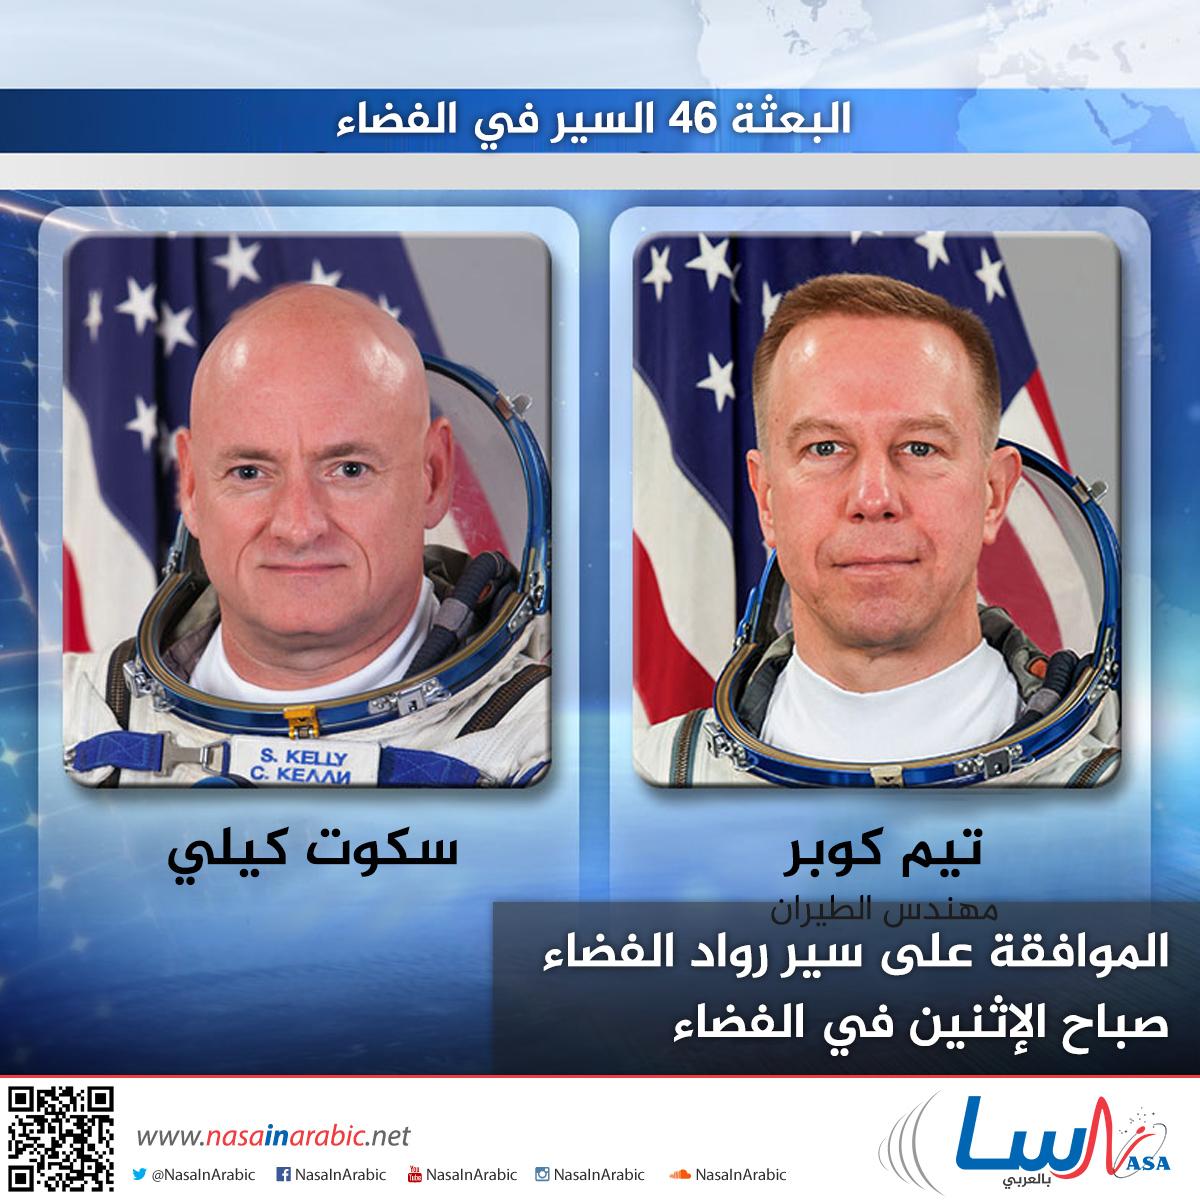 الموافقة على سير رواد الفضاء صباح الإثنين في الفضاء